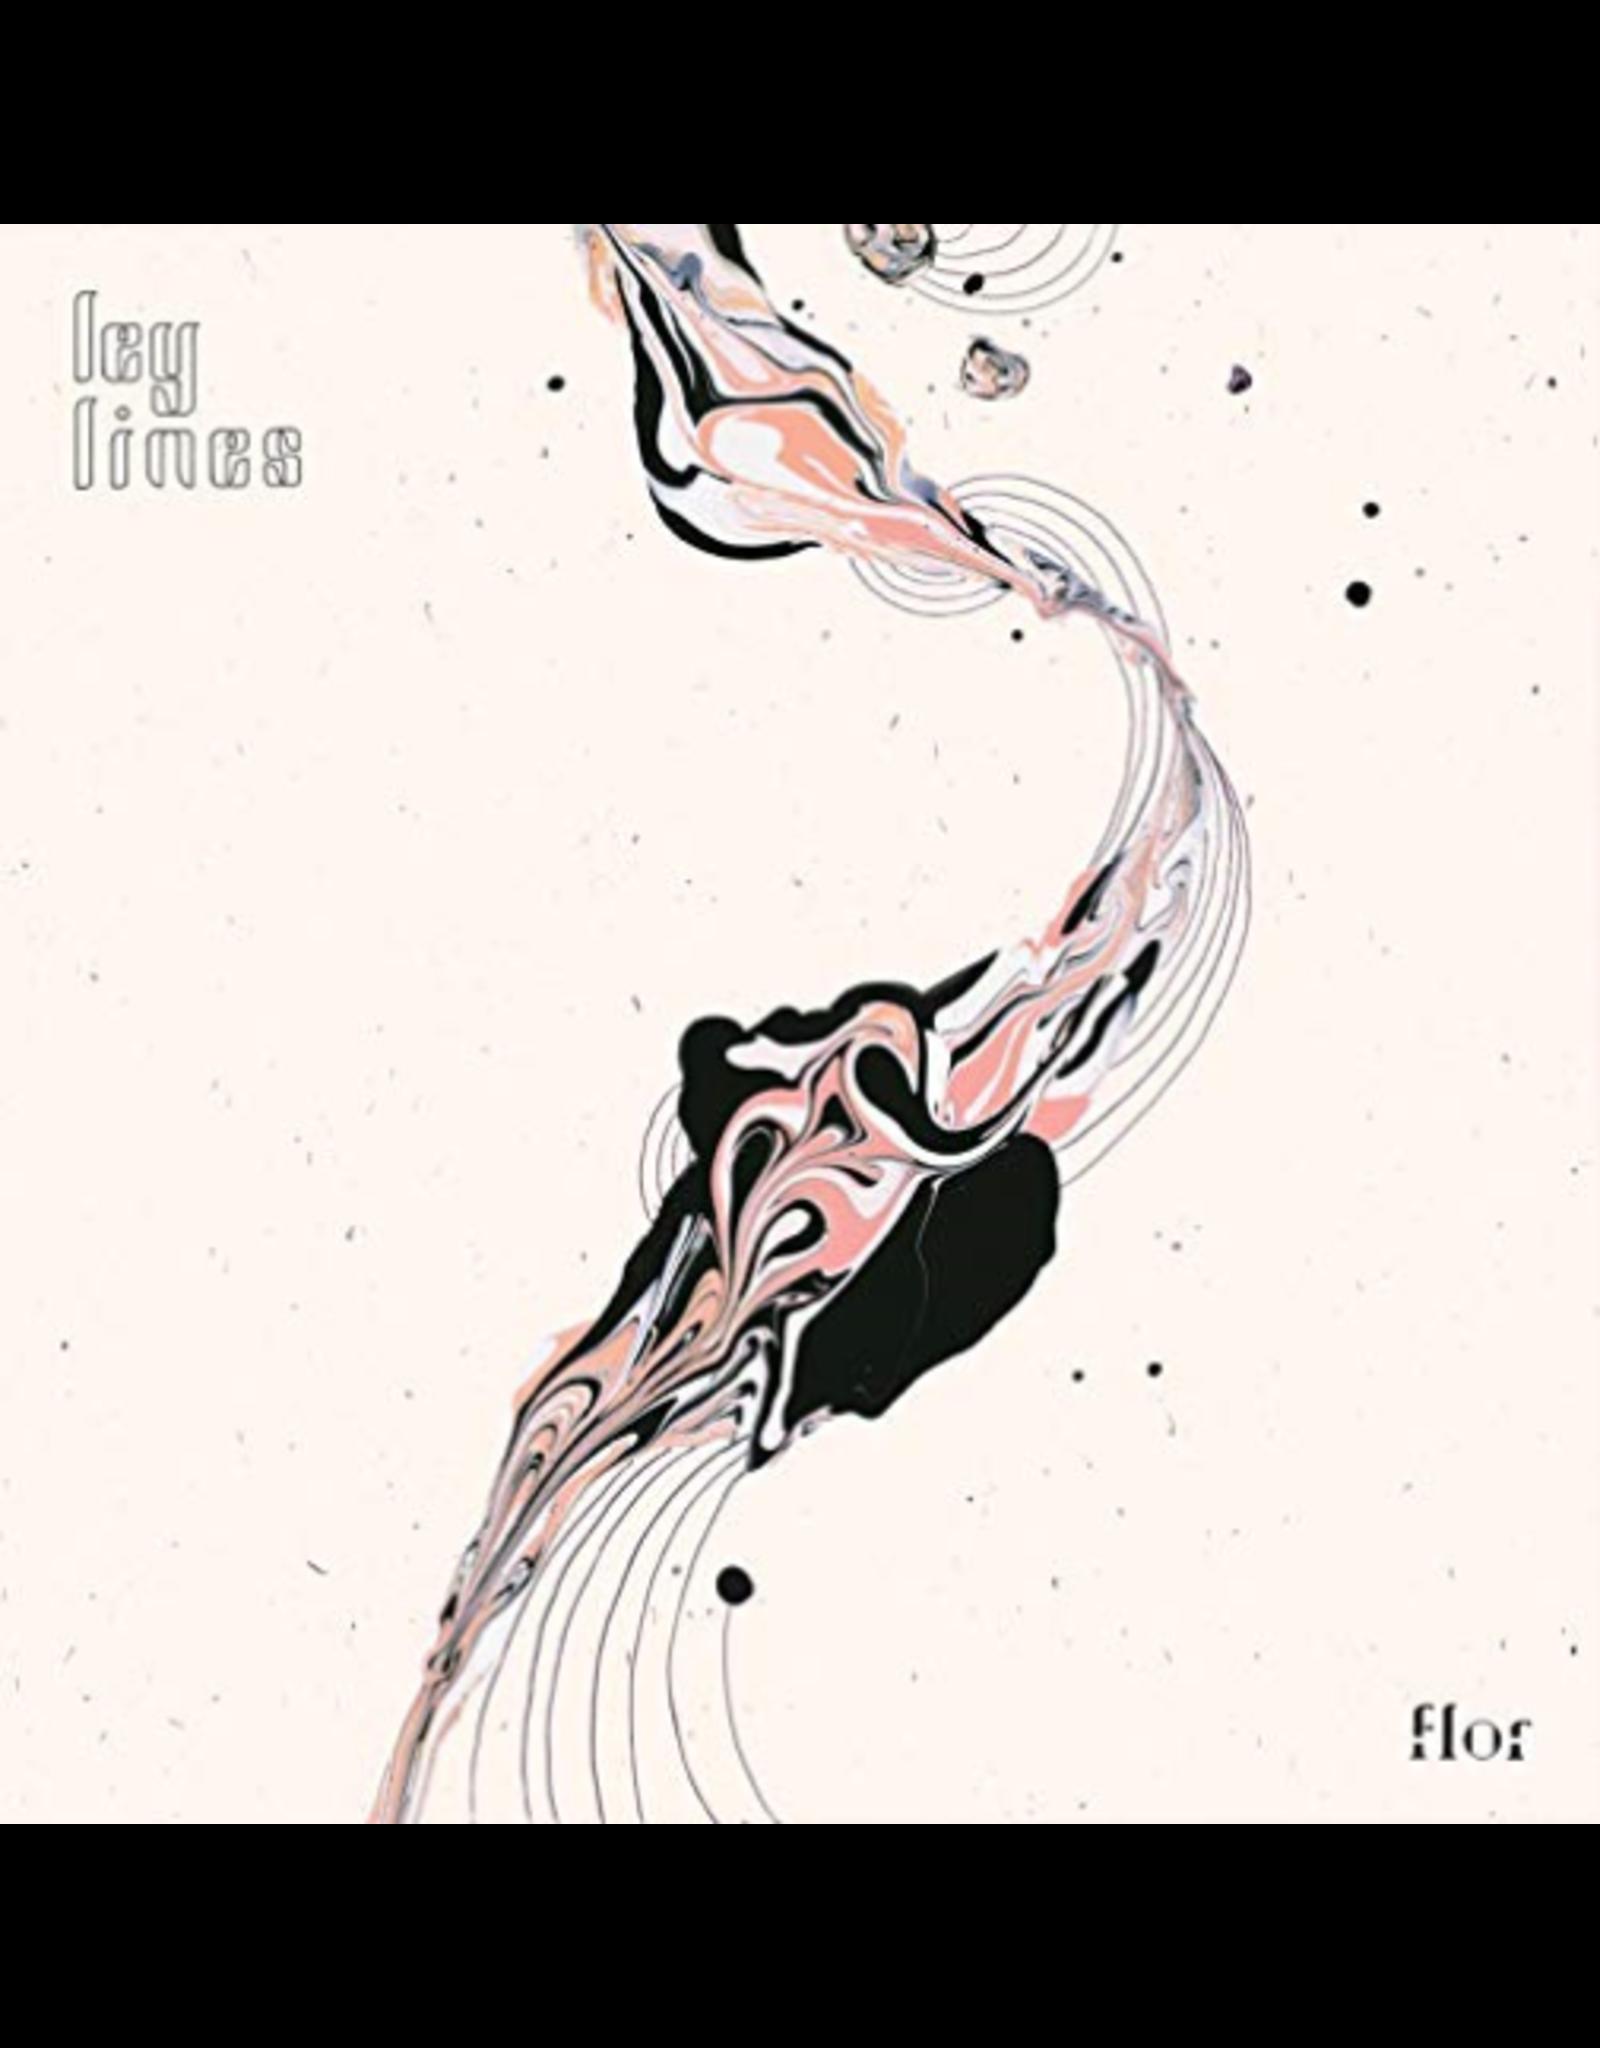 Flor - Ley Lines LP